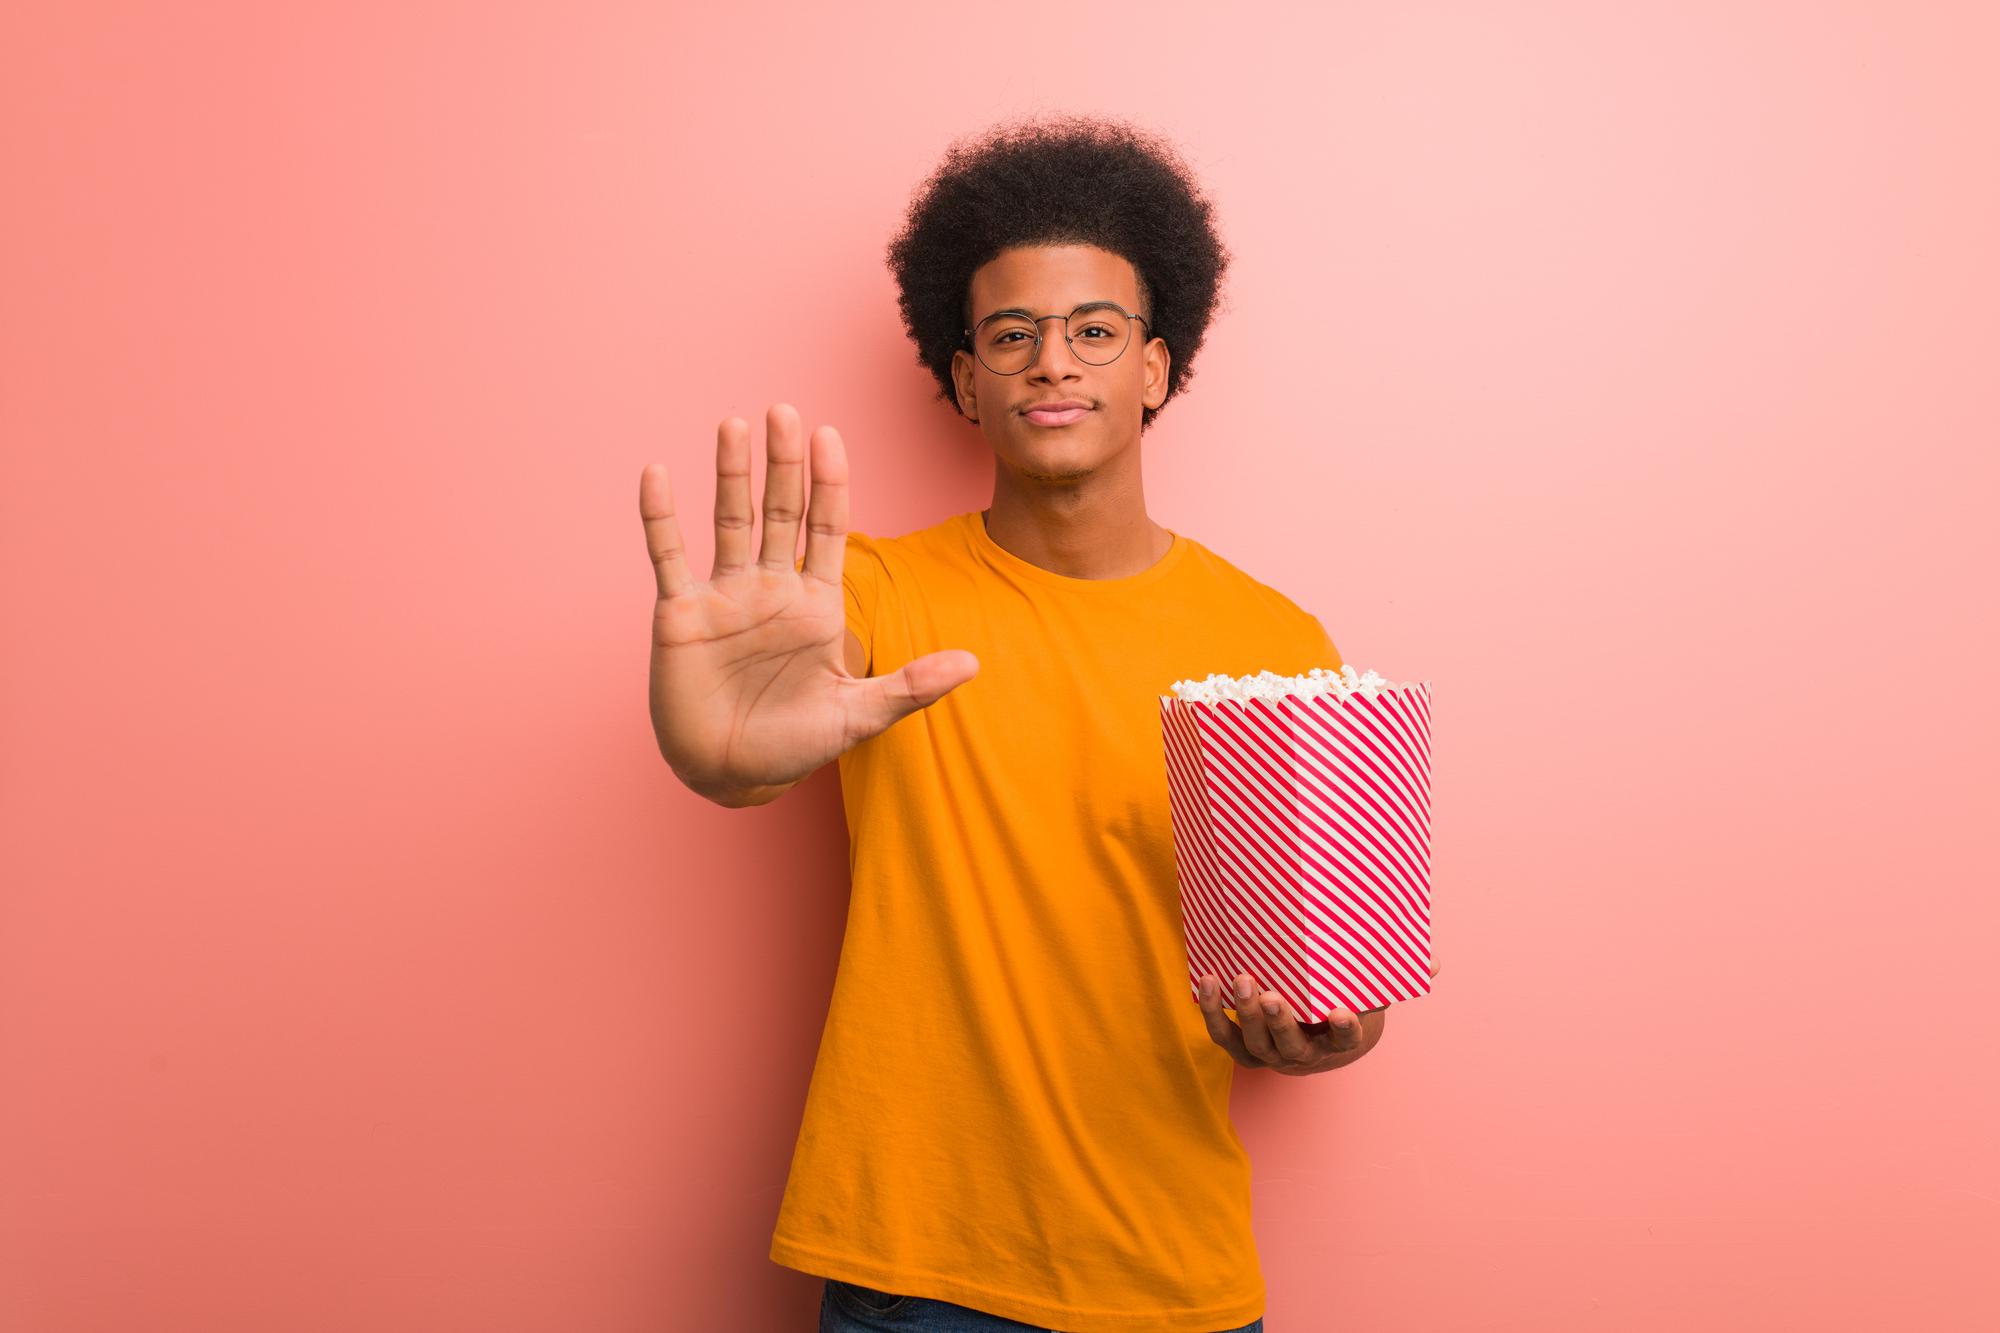 В Великобритании появился свод правил для откровенных сцен в кино